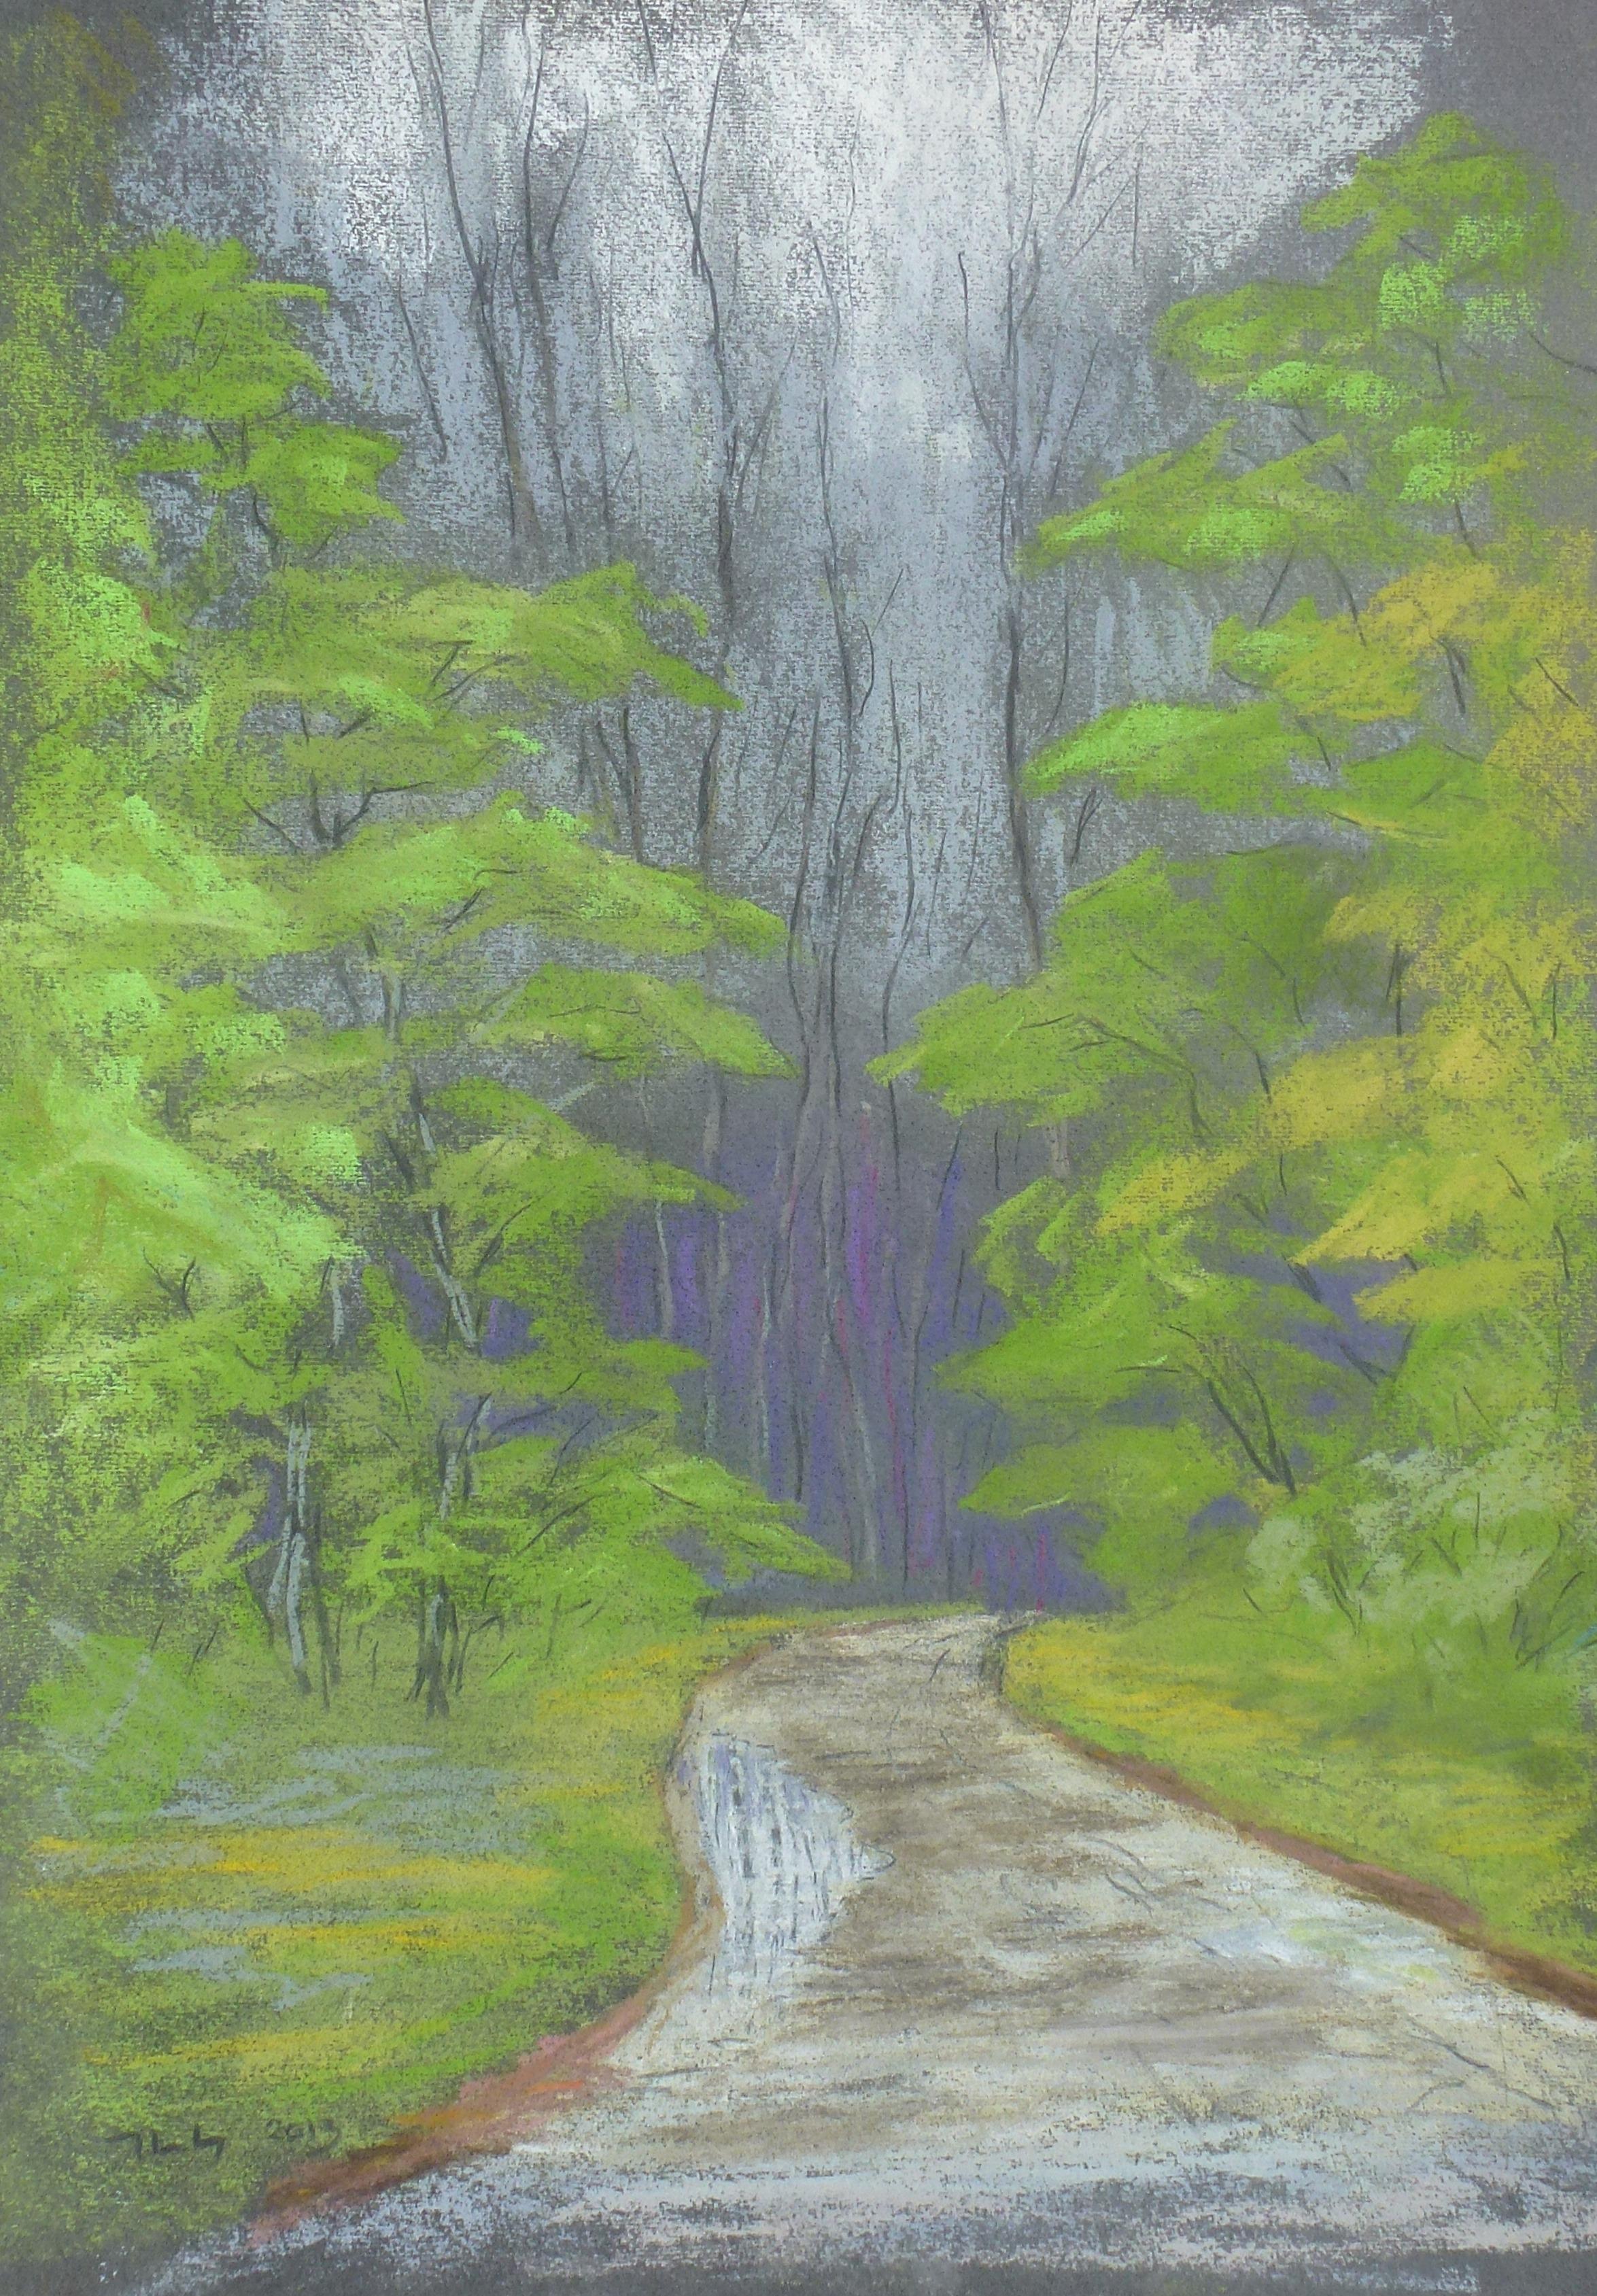 JORGEN LISBORG - After the rain